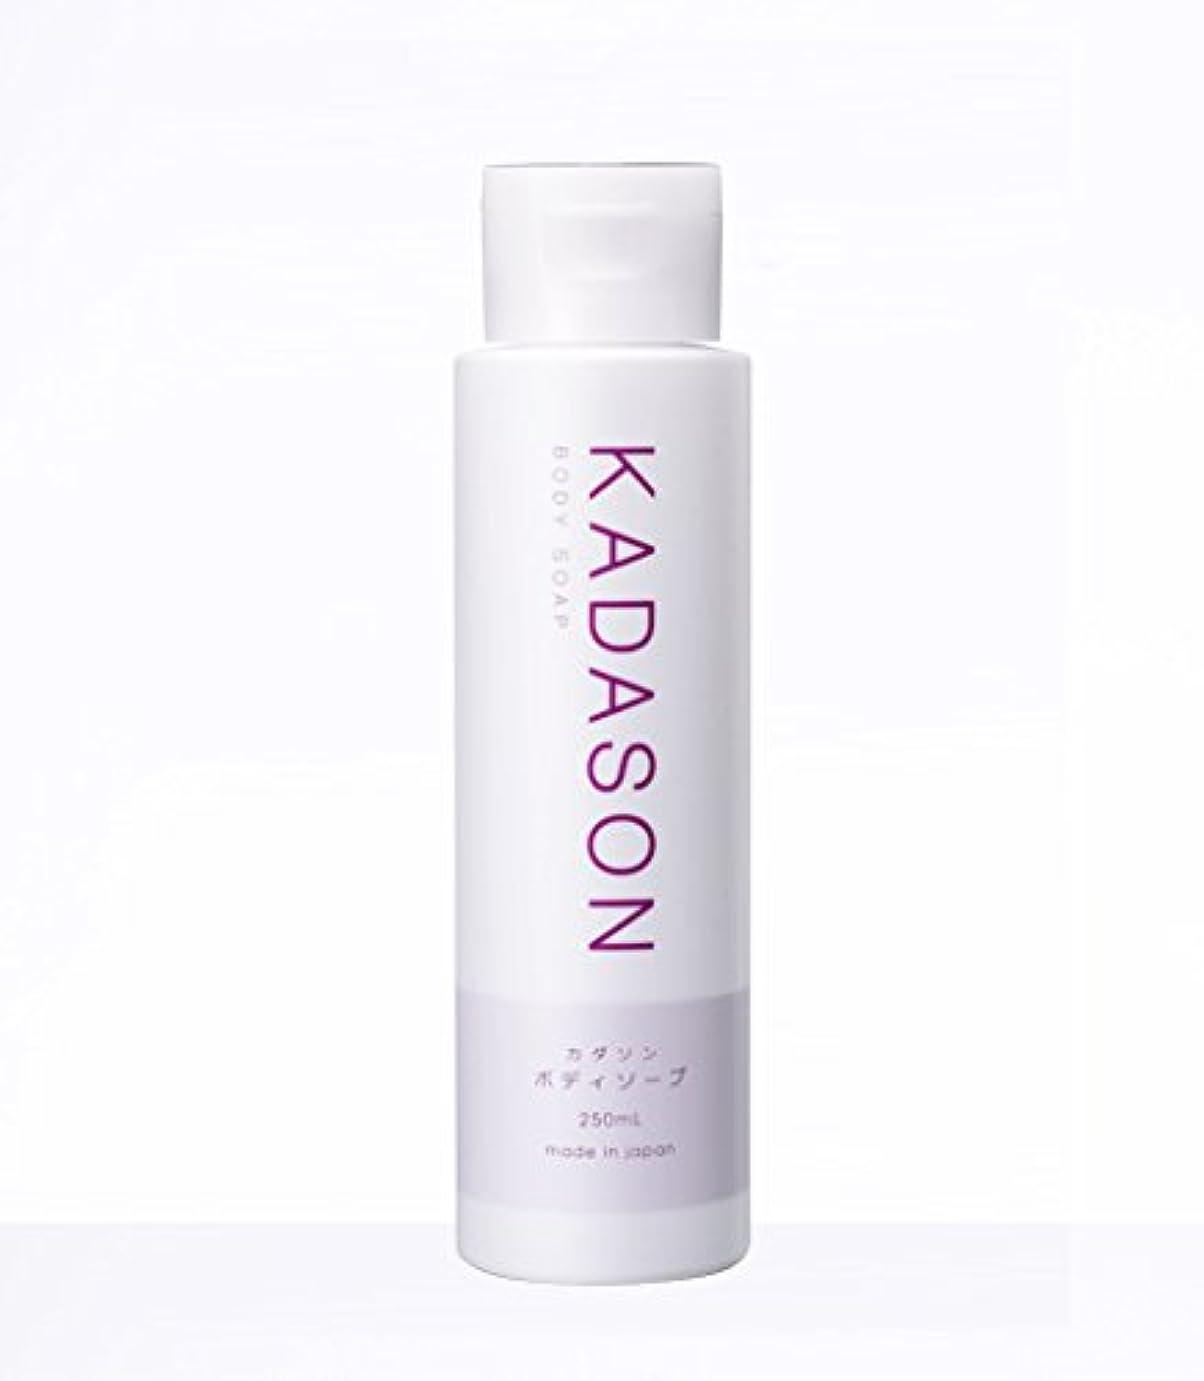 ブランド適用するスリラーKADASON(カダソン) ボディーソープ【脂漏性皮膚炎専門医が監修】身体のカユミを抑える洗顔もできるボディソープ